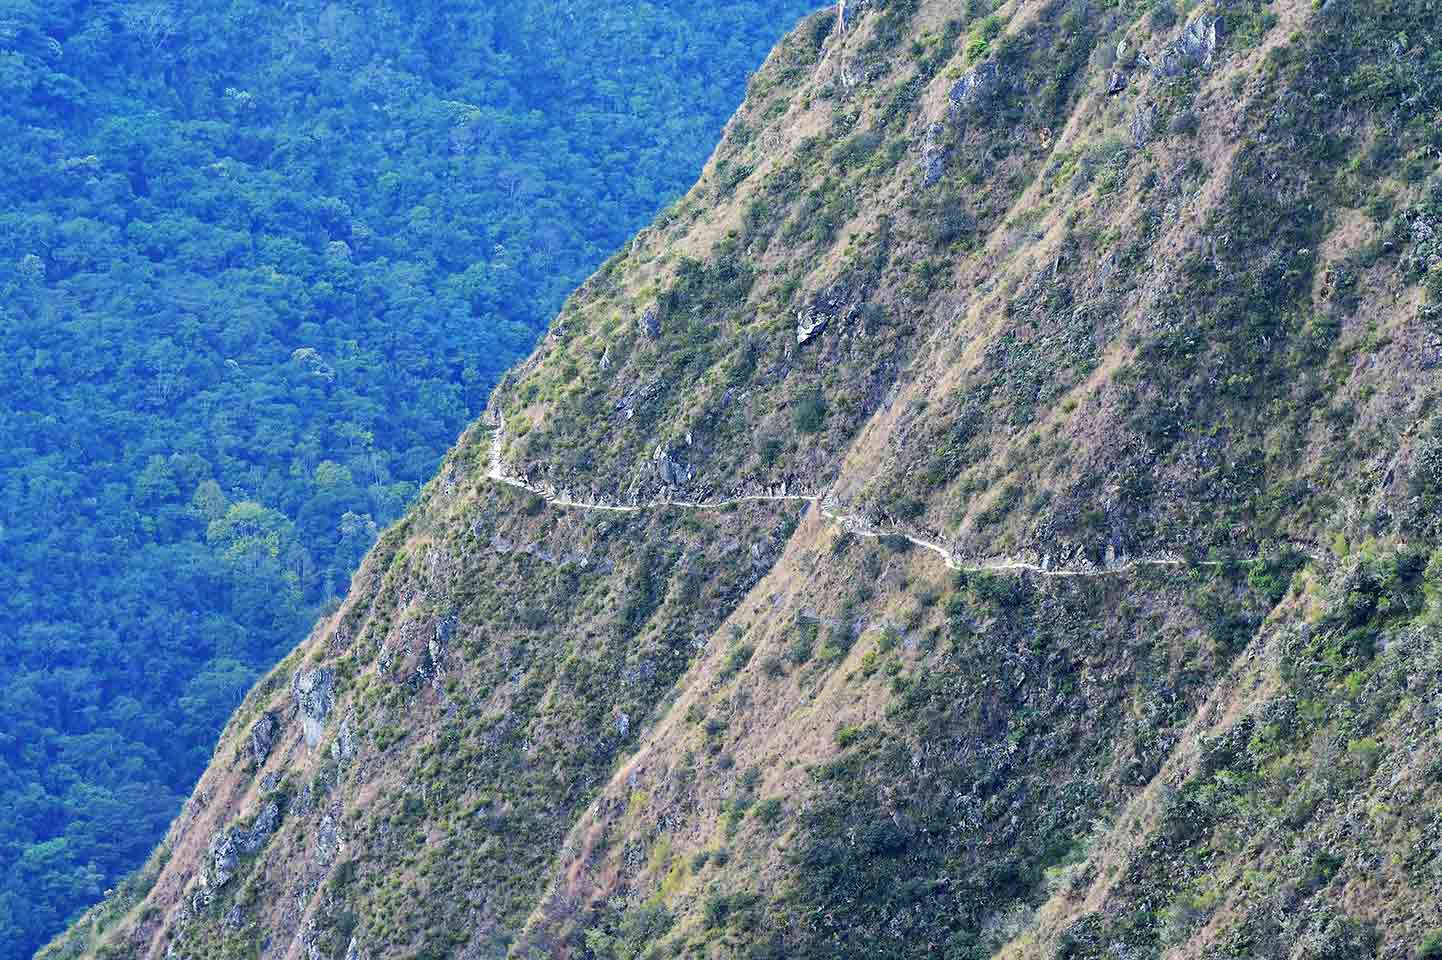 Hiking the Inca Trail 4D/3N